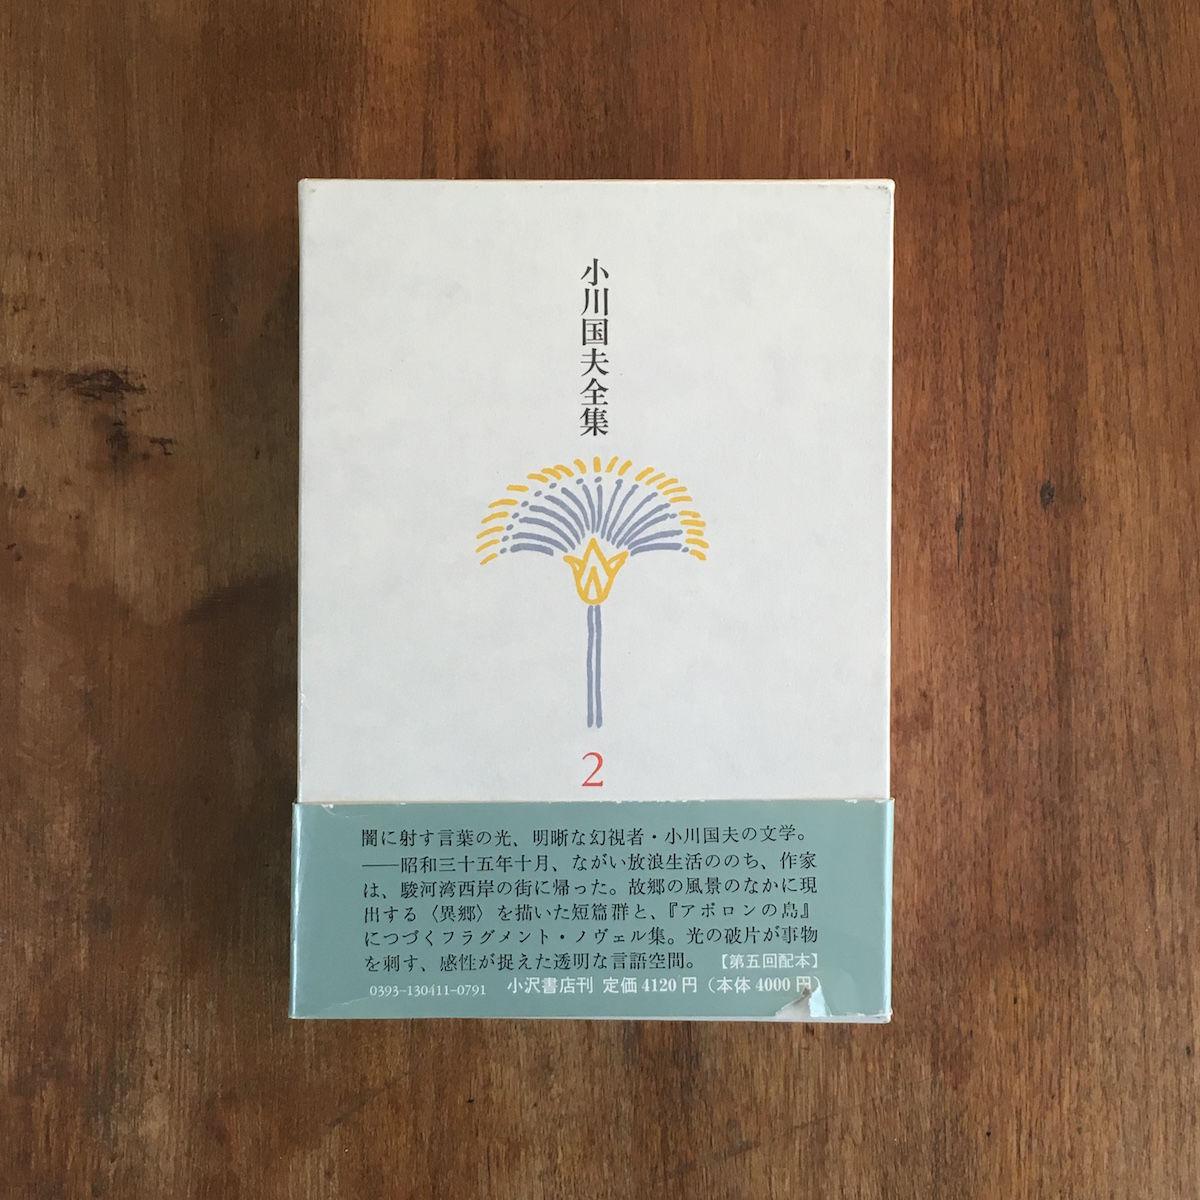 「小川国夫全集 2 生のさ中に 海からの光 流域」